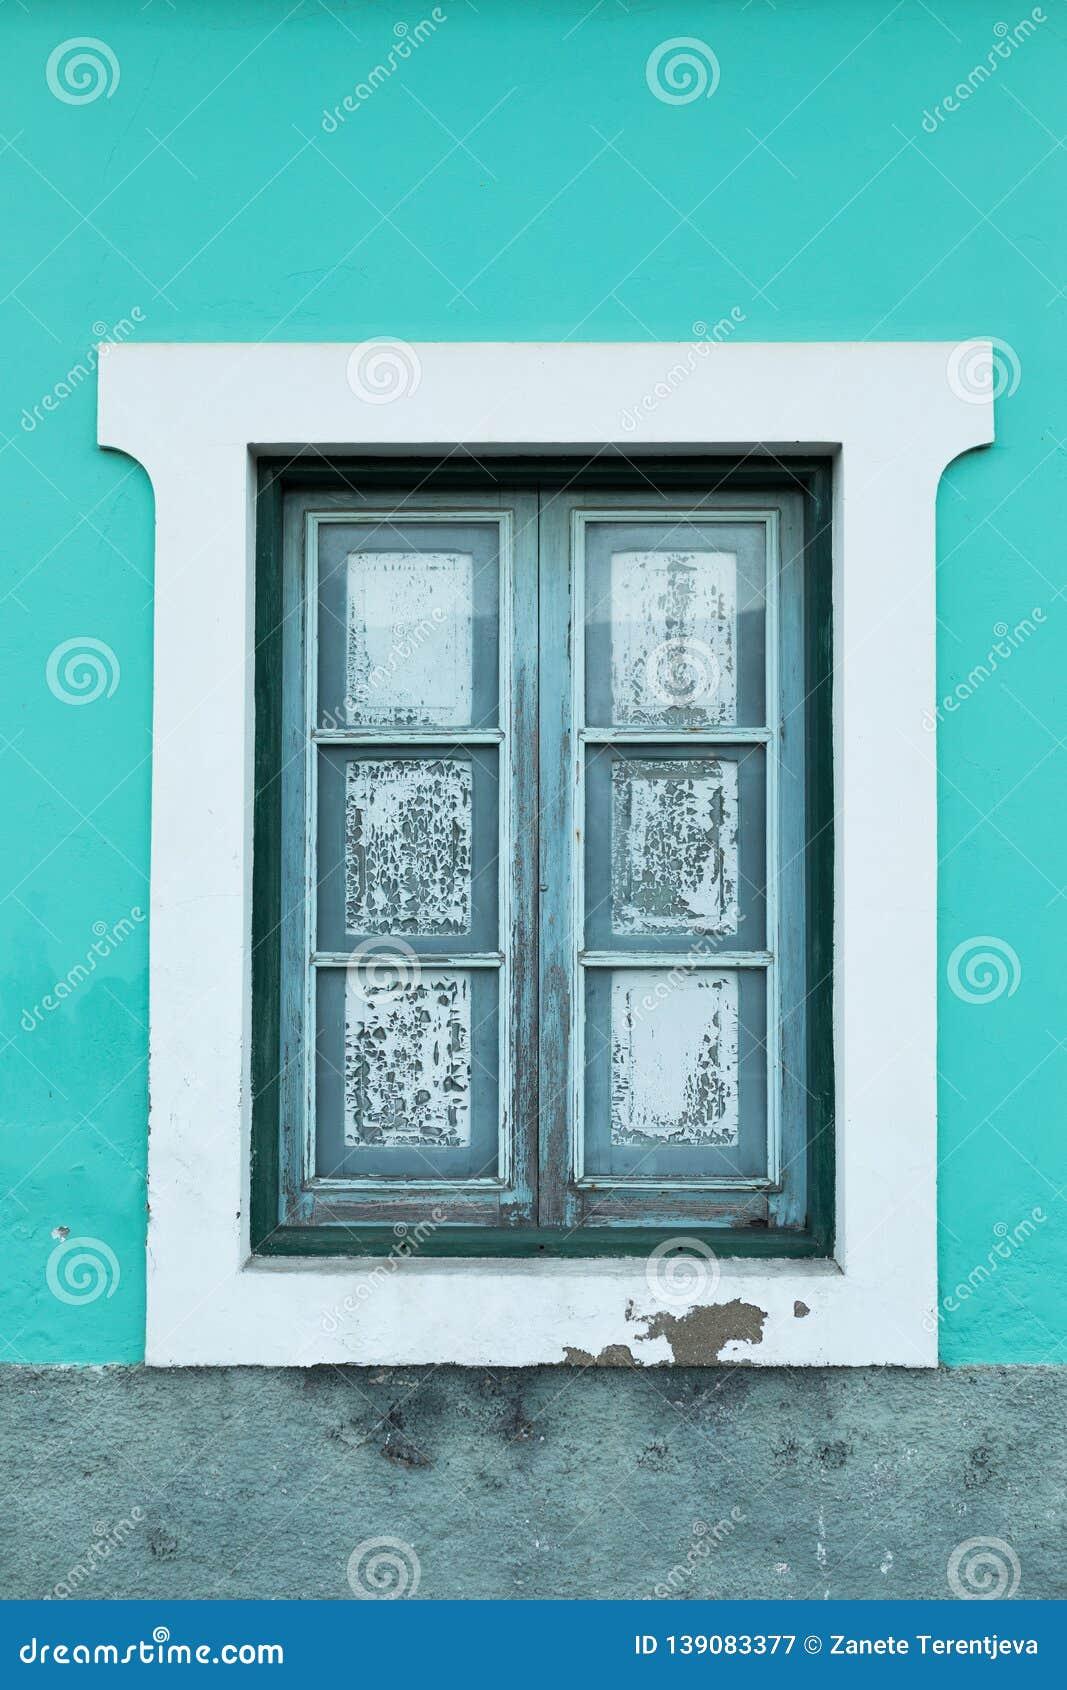 Ένα παράθυρο ενός φωτεινού aquamarine, ενός τυρκουάζ σπιτιού χρώματος με ένα παλαιό ξύλινο πλαίσιο και ενός άσπρου χρώματος γύρω